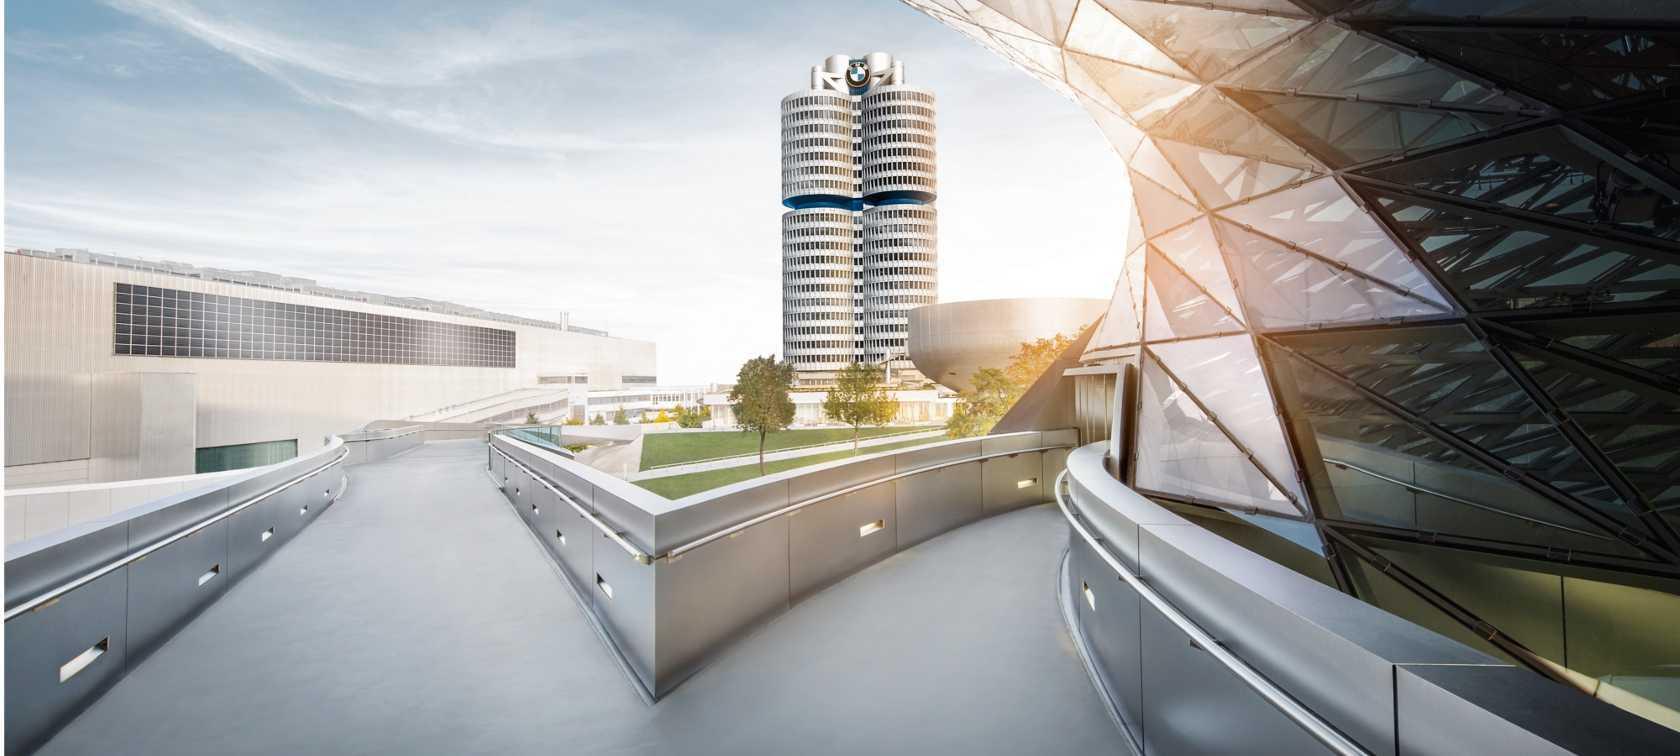 BMW Group: о компании, вакансии, информация для инвесторов